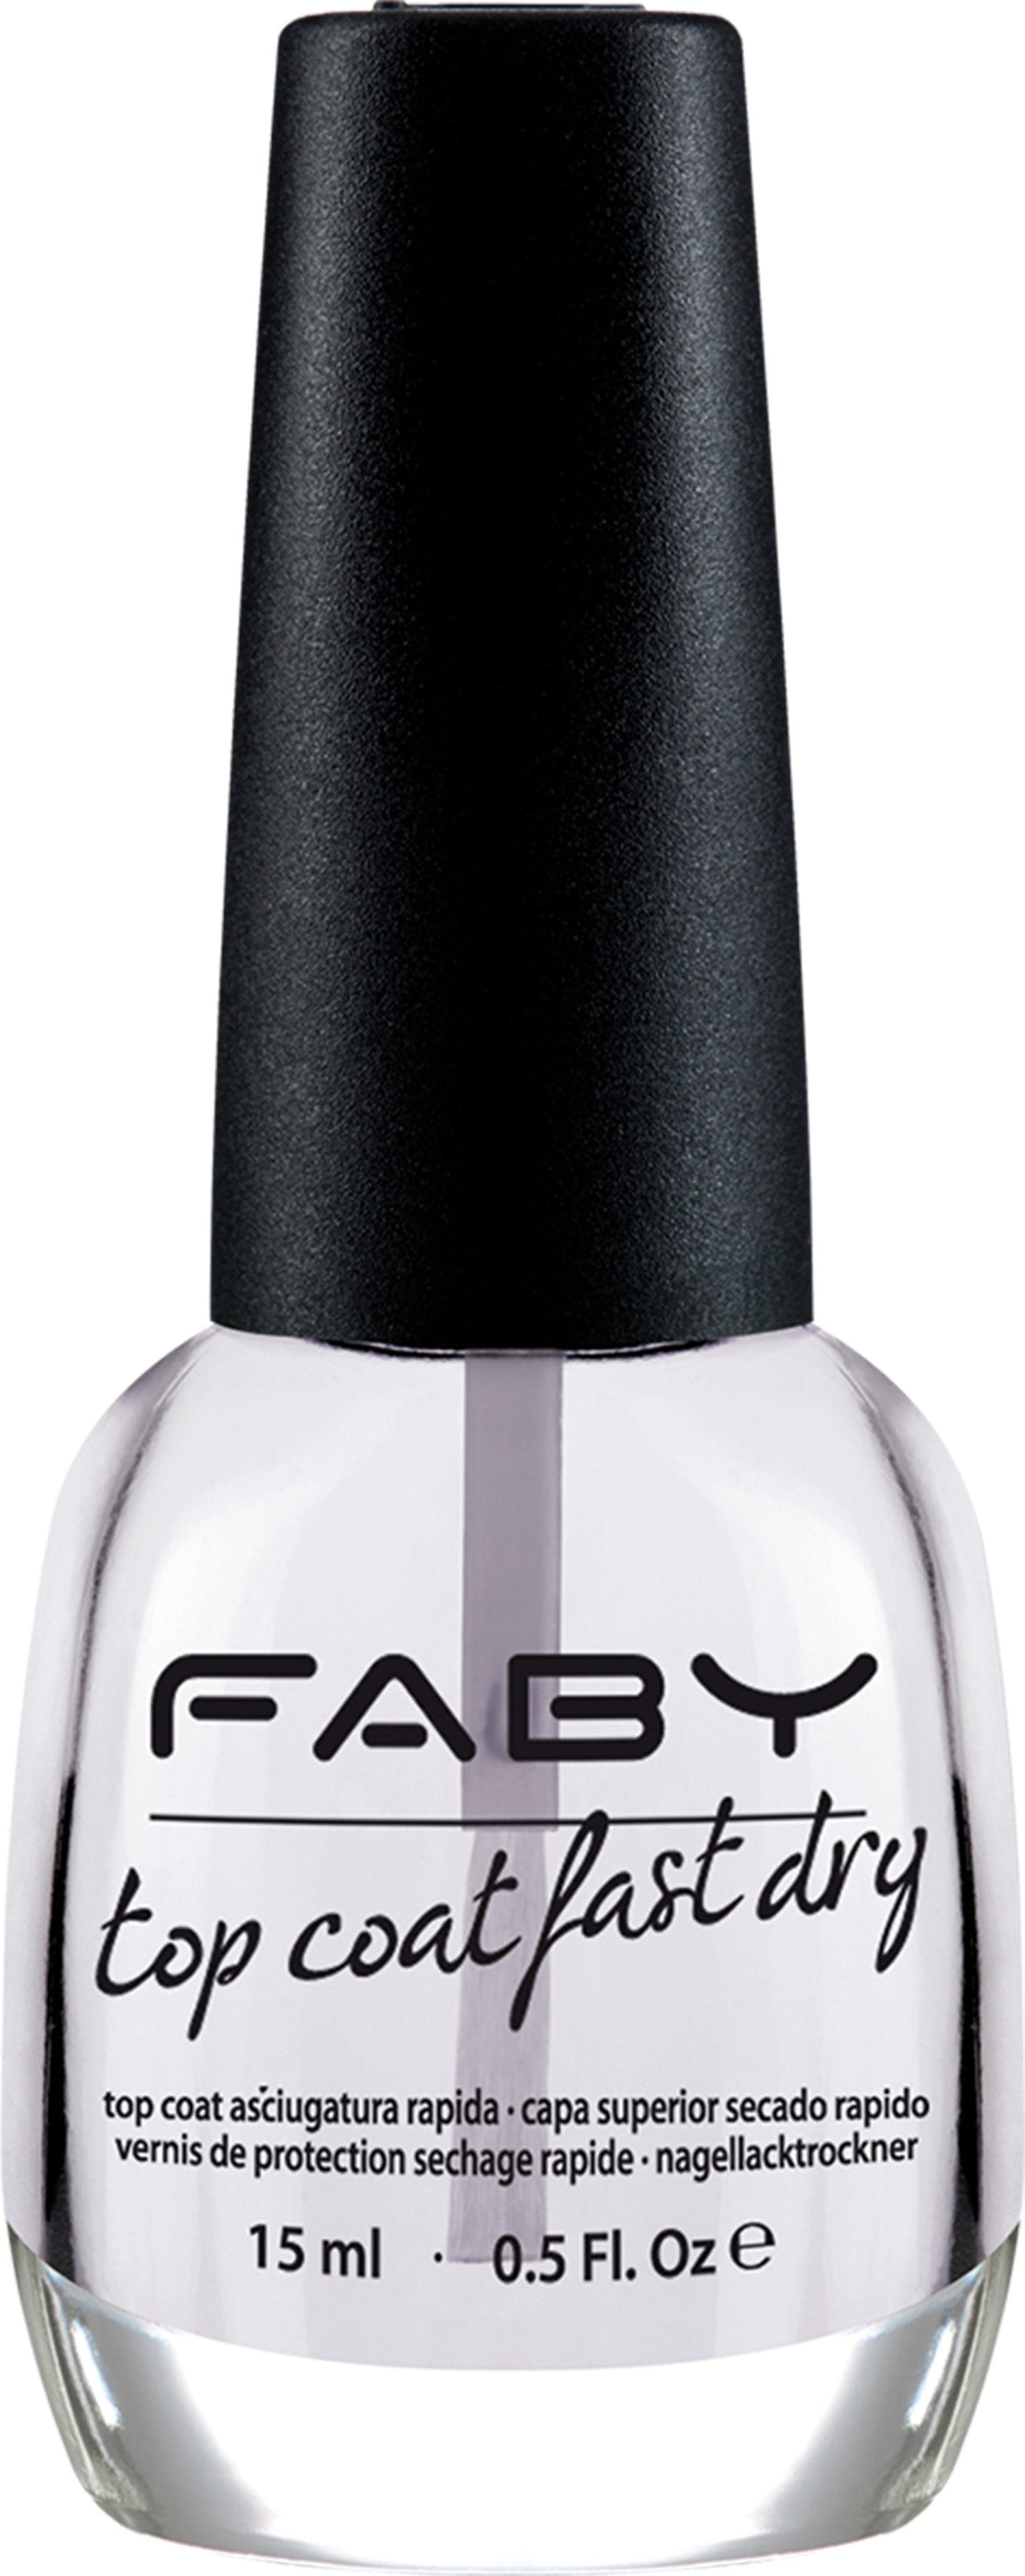 Faby Top Coat Fast Dry Schnell-trocknender Überlack Preisvergleich